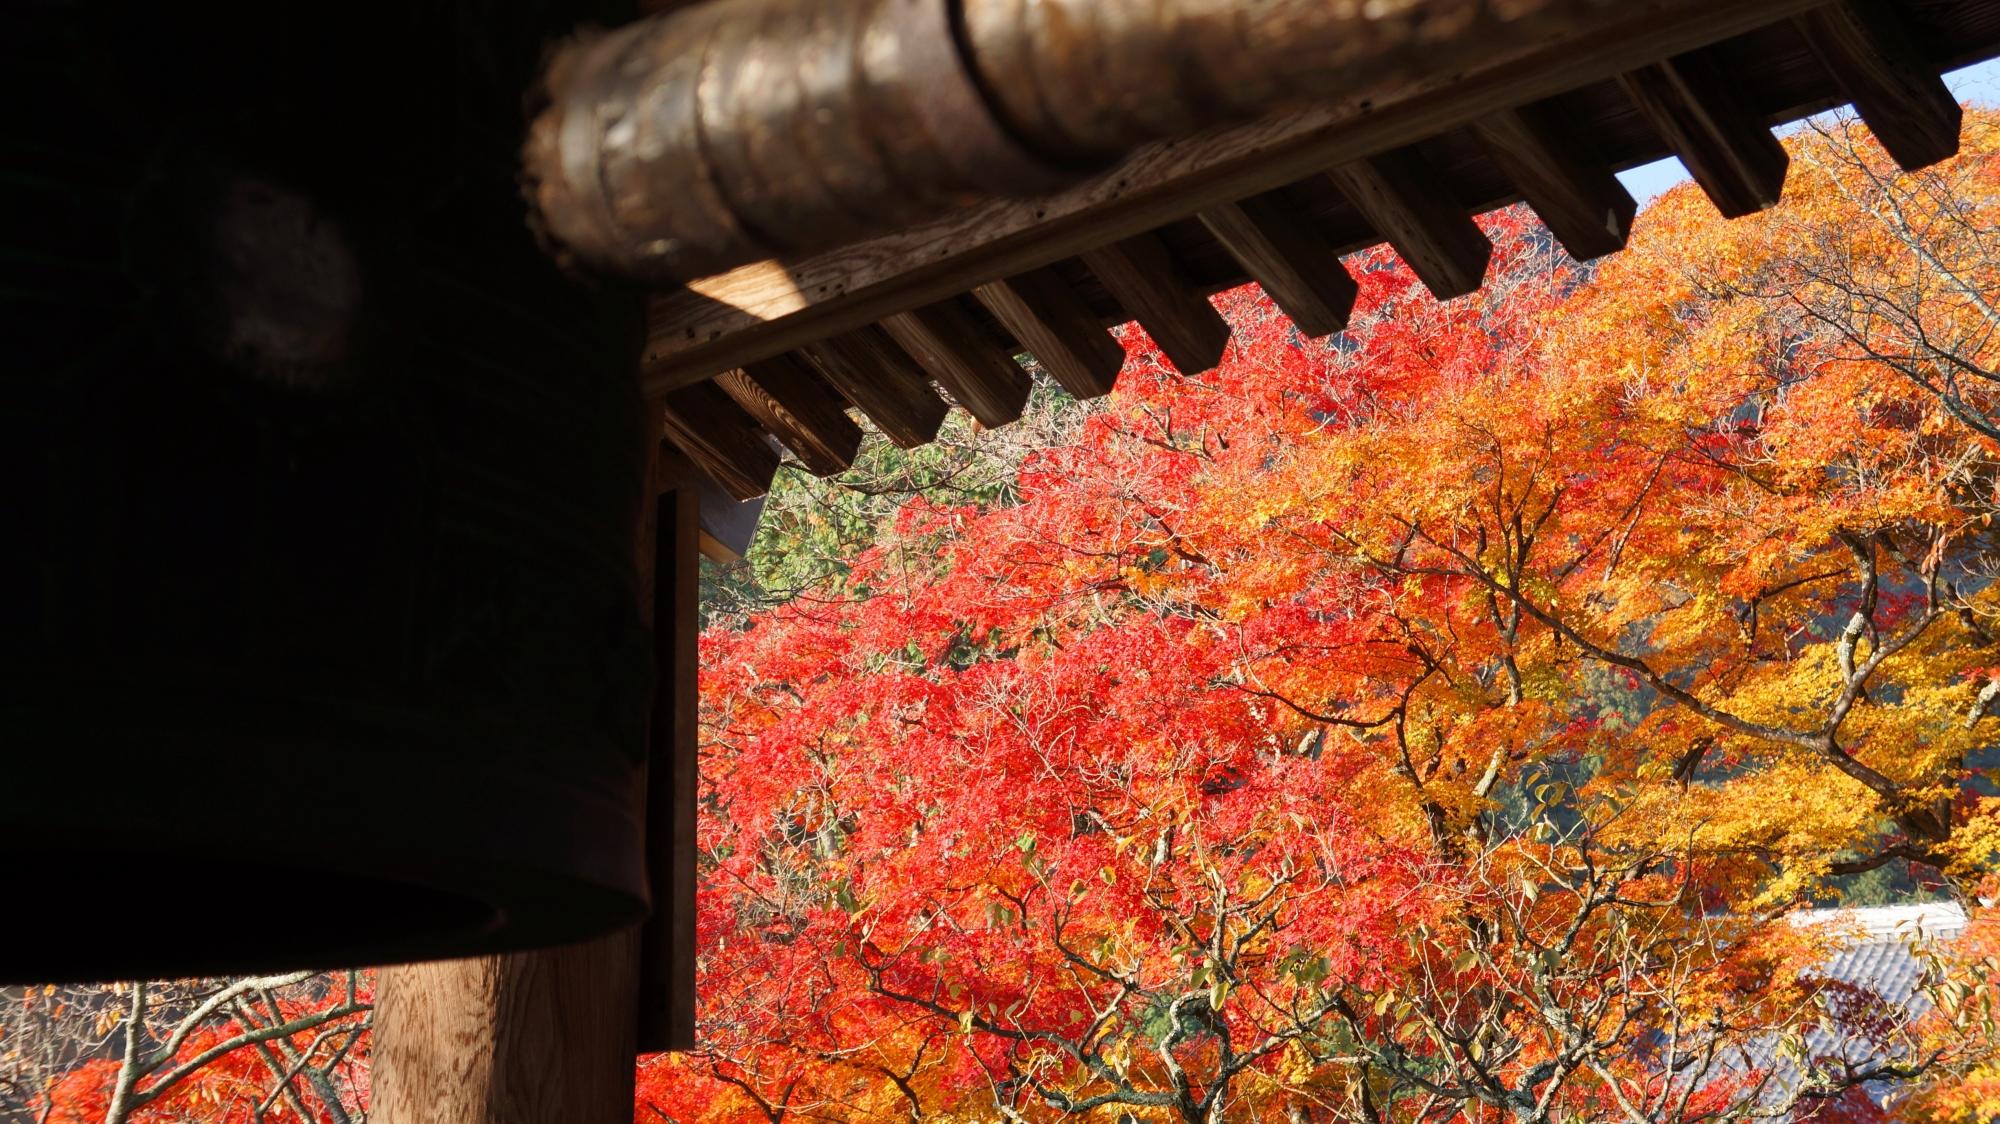 善峯寺の溢れる色とりどりの紅葉